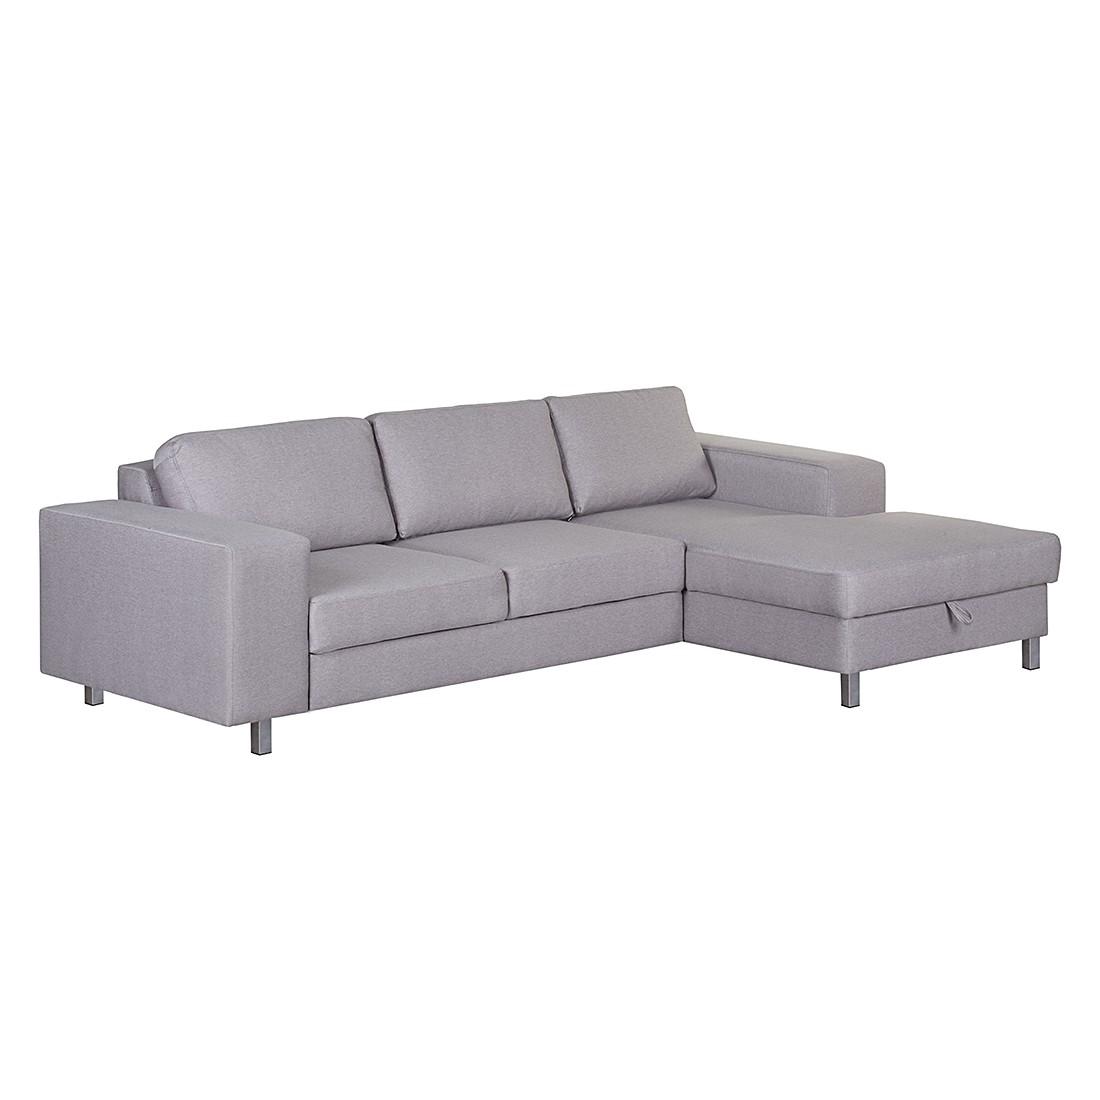 ecksofa recife mit schlaffunktion webstoff longchair ottomane davorstehend rechts grau. Black Bedroom Furniture Sets. Home Design Ideas